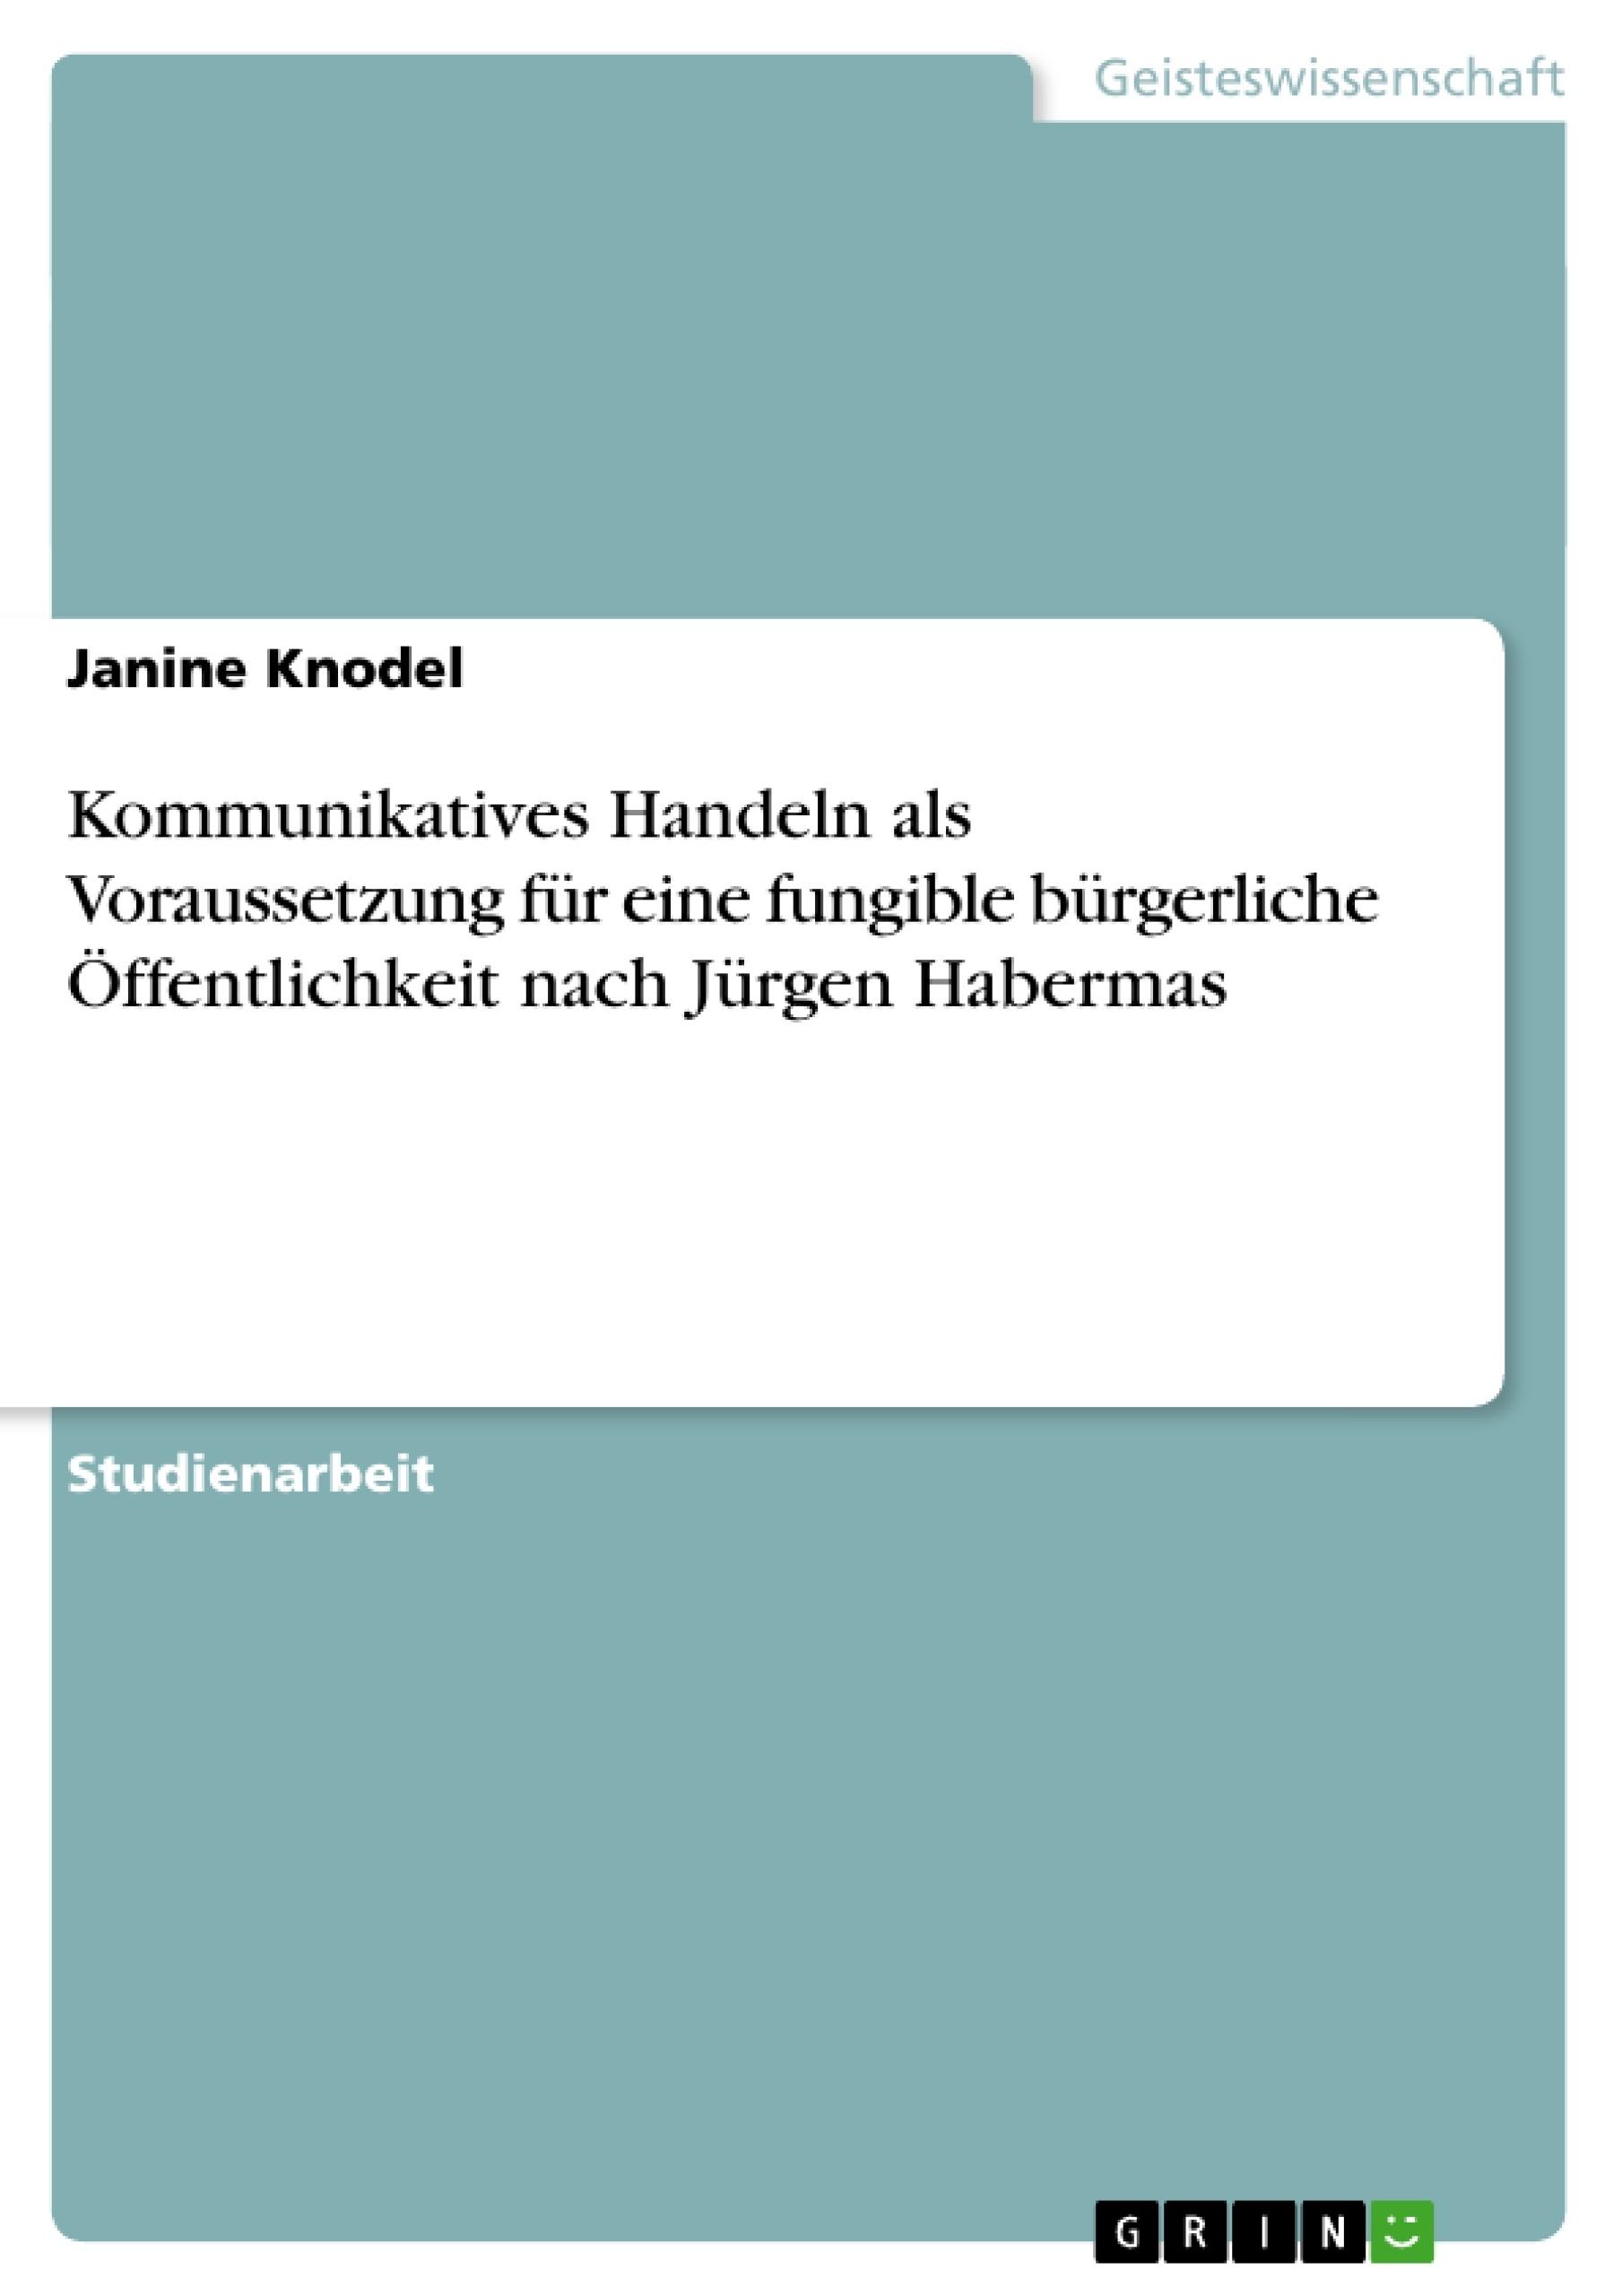 Titel: Kommunikatives Handeln als Voraussetzung für eine fungible bürgerliche Öffentlichkeit nach Jürgen Habermas